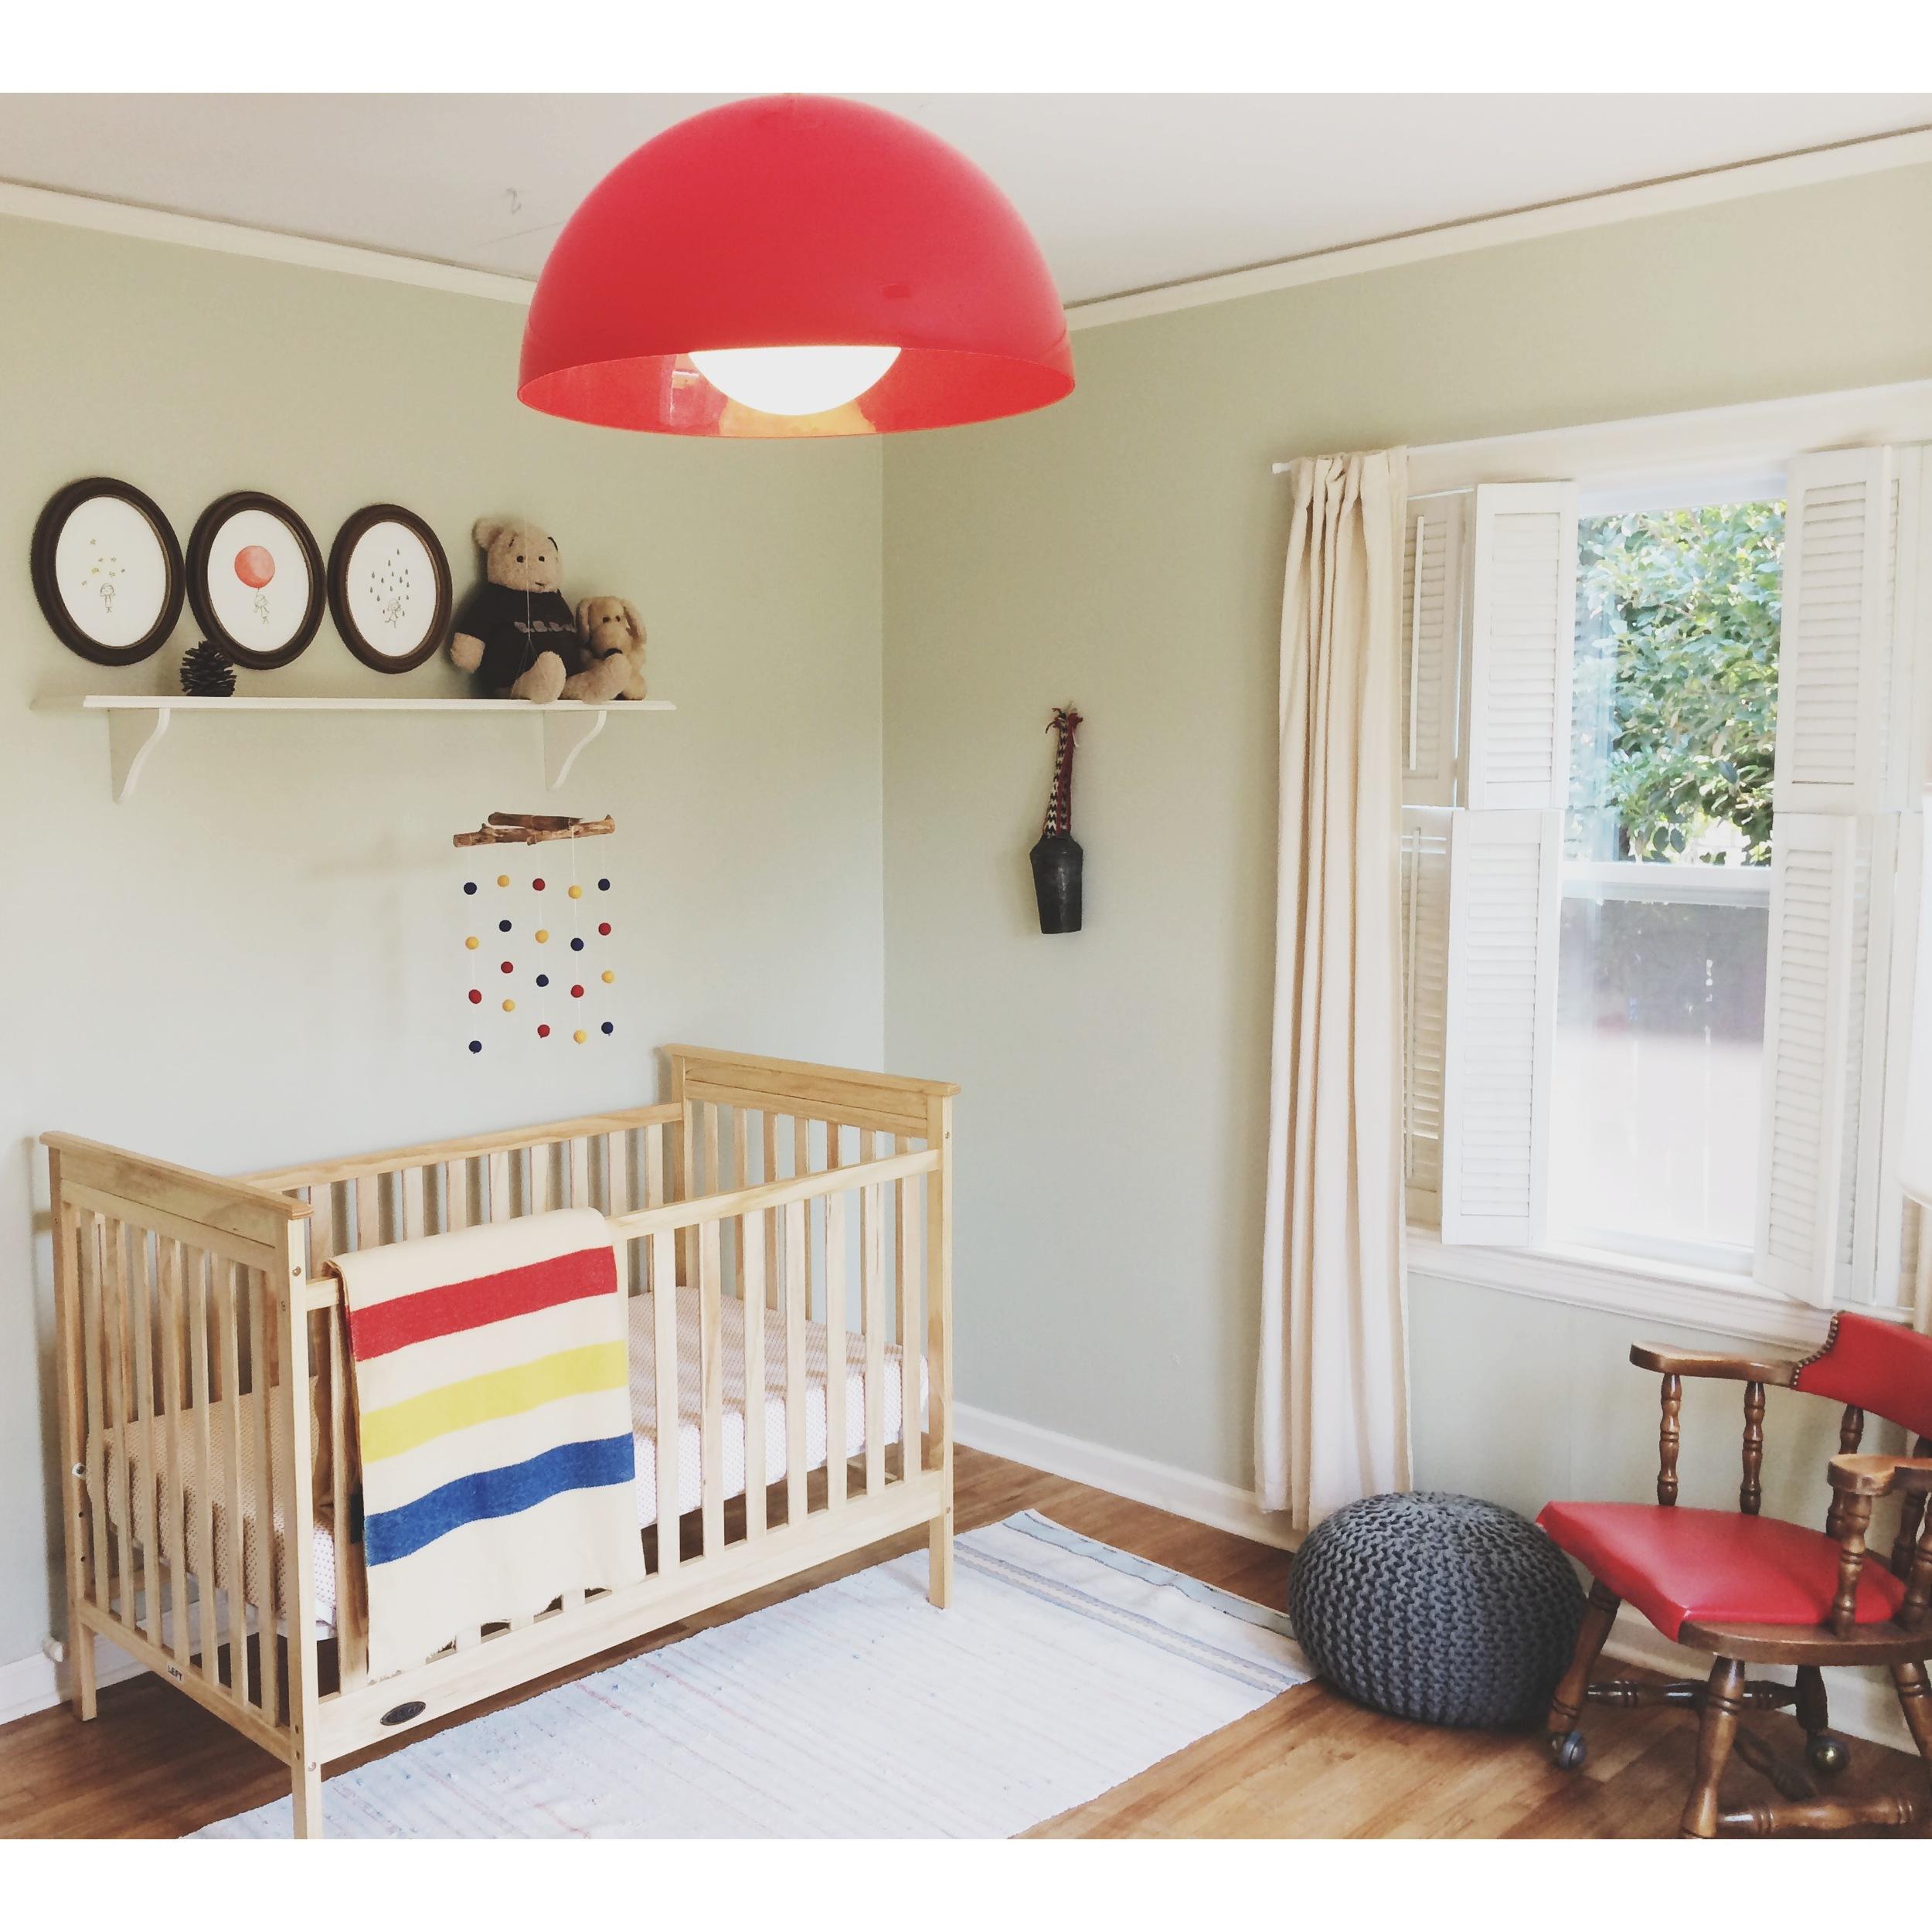 Baby aroline Jane's Vintage Modern Nursery our — etro Den - ^